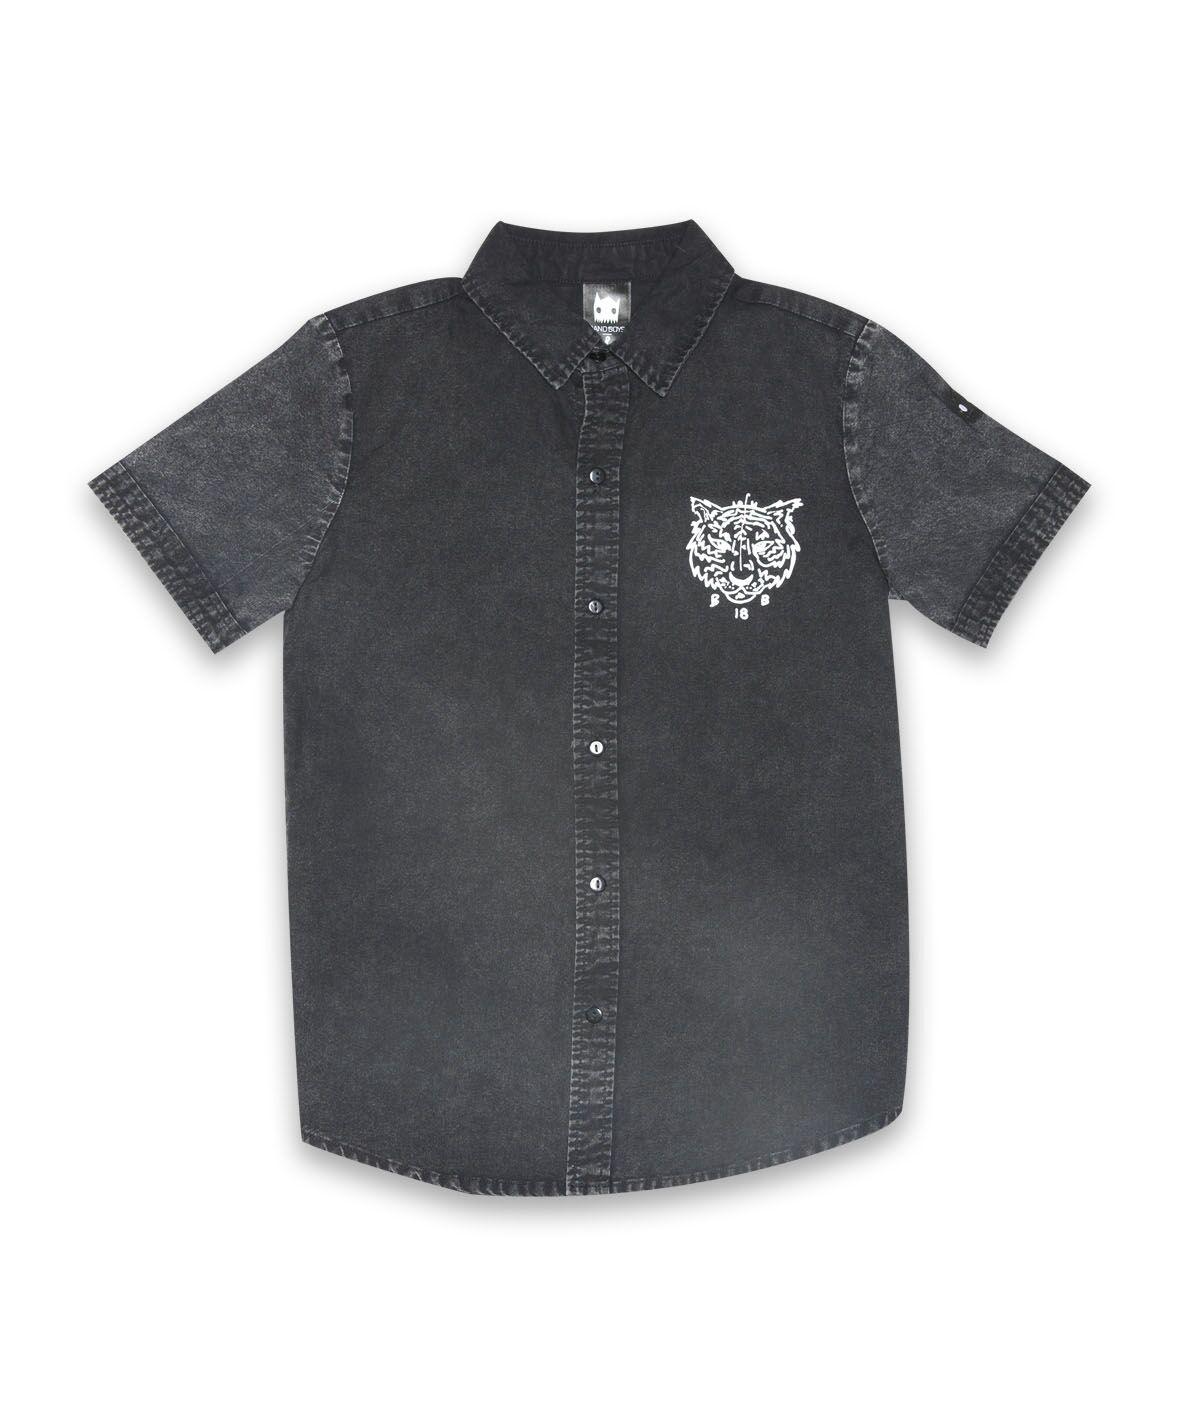 BOB BB18 Tiger Shortsleeve Shirt